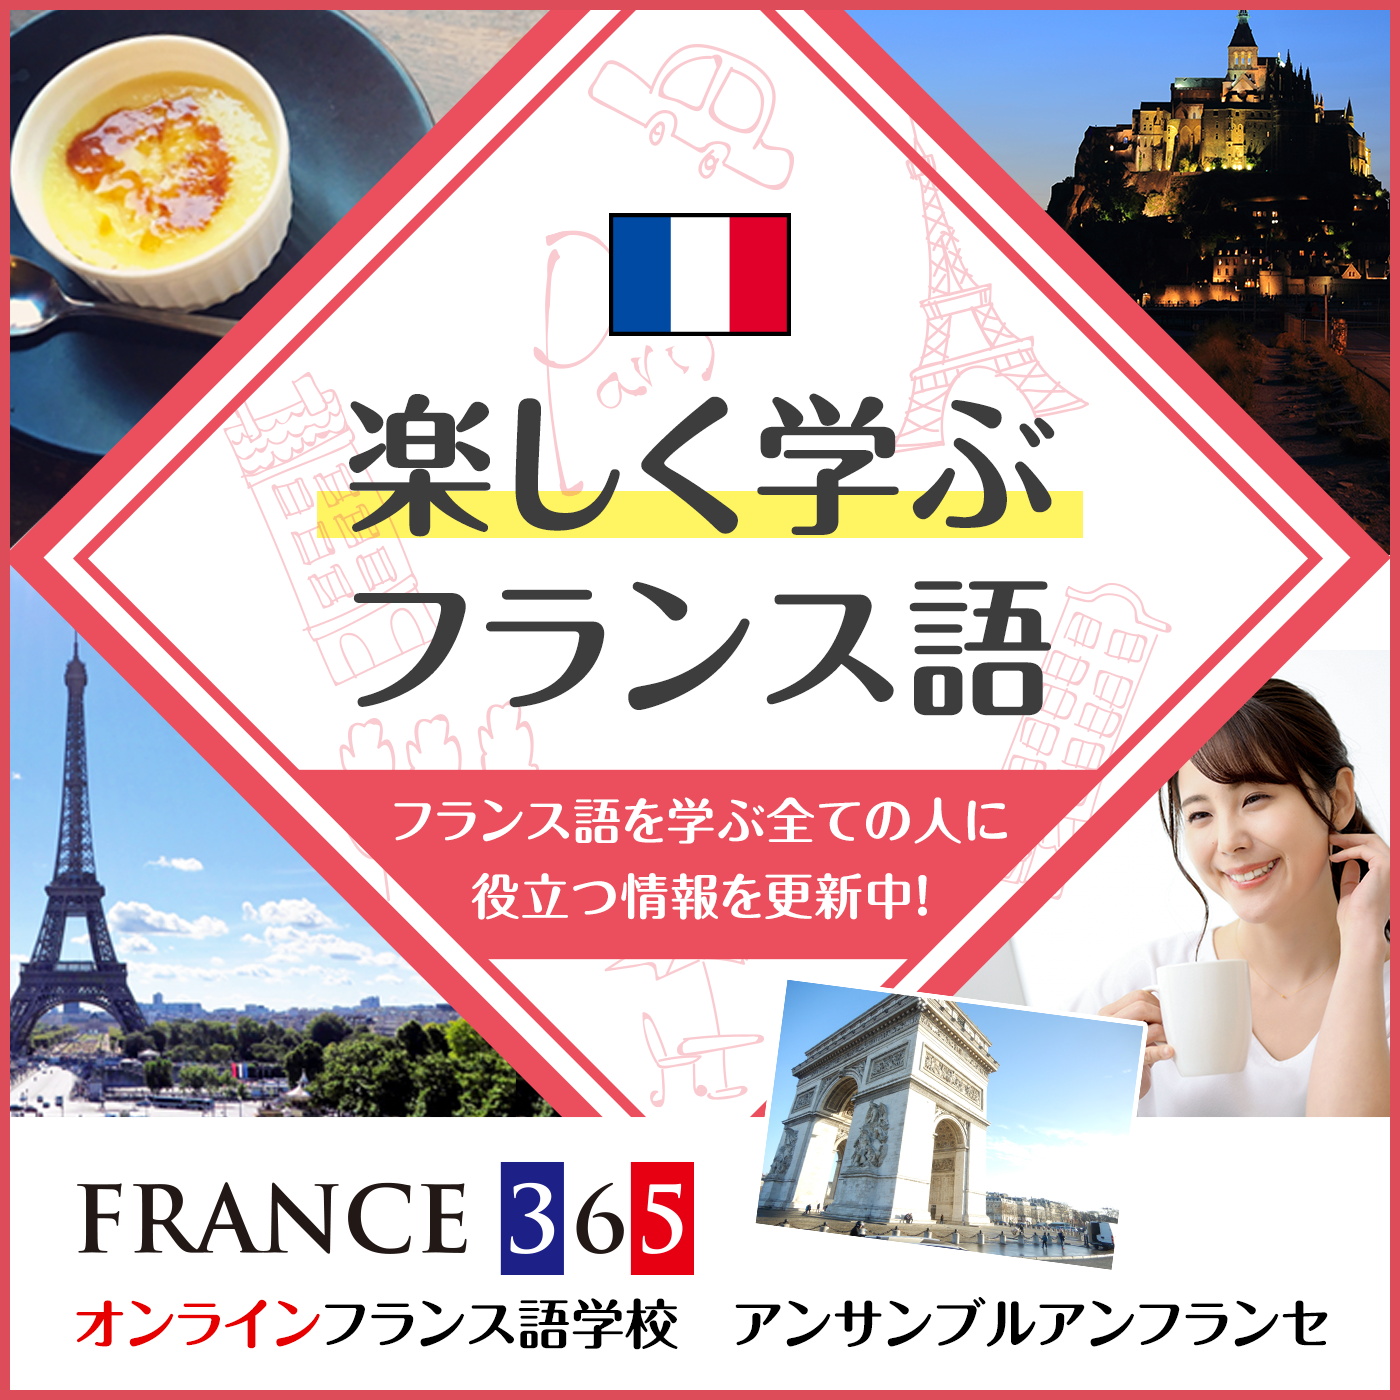 楽しく学ぶフランス語   FRANCE 365:最新のフランス旅行情報・現地情報